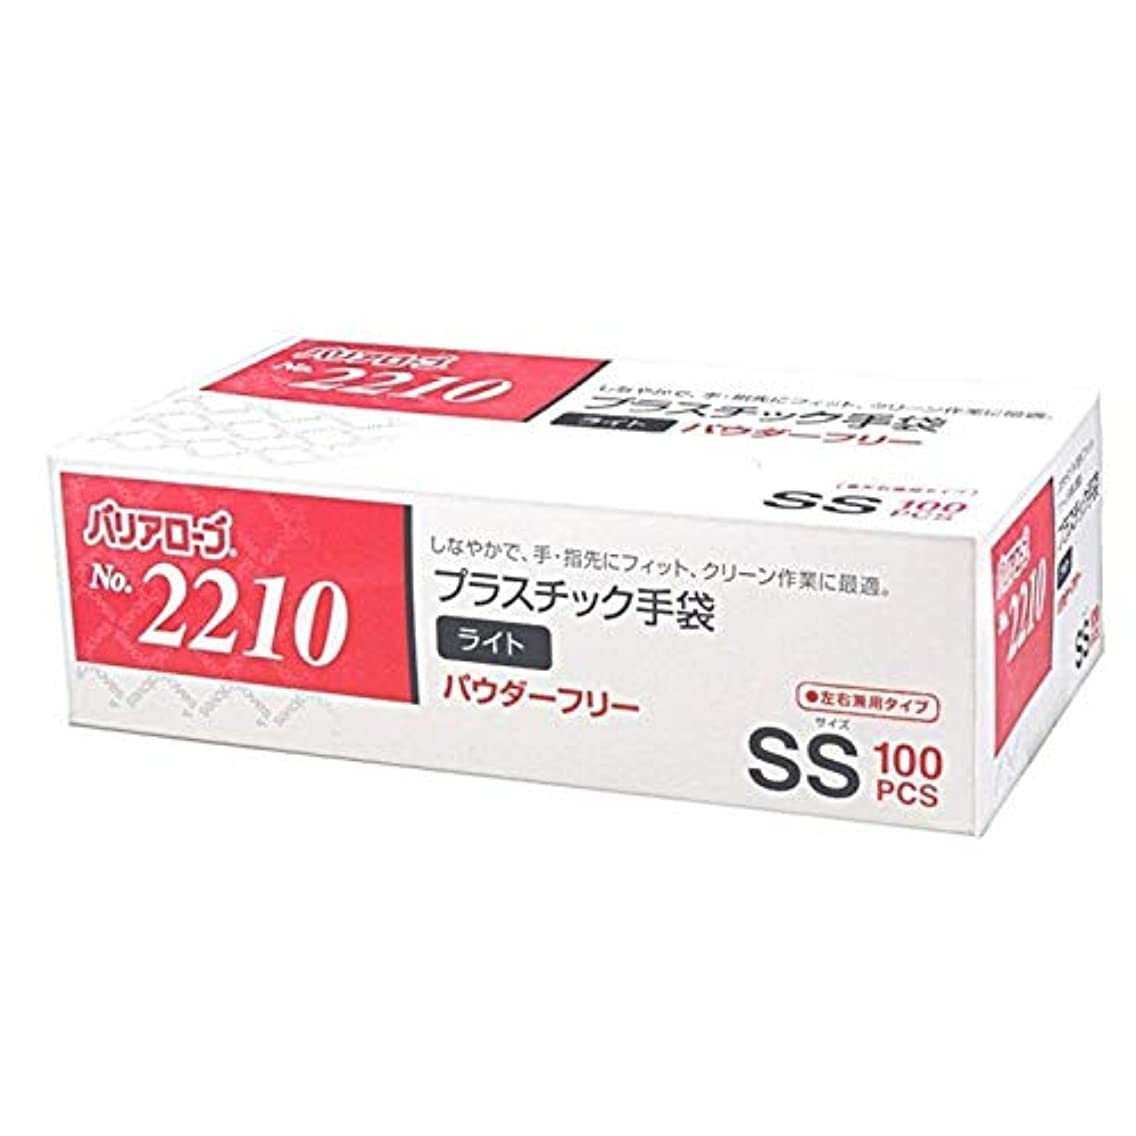 【ケース販売】 バリアローブ №2210 プラスチック手袋 ライト (パウダーフリー) SS 2000枚(100枚×20箱)